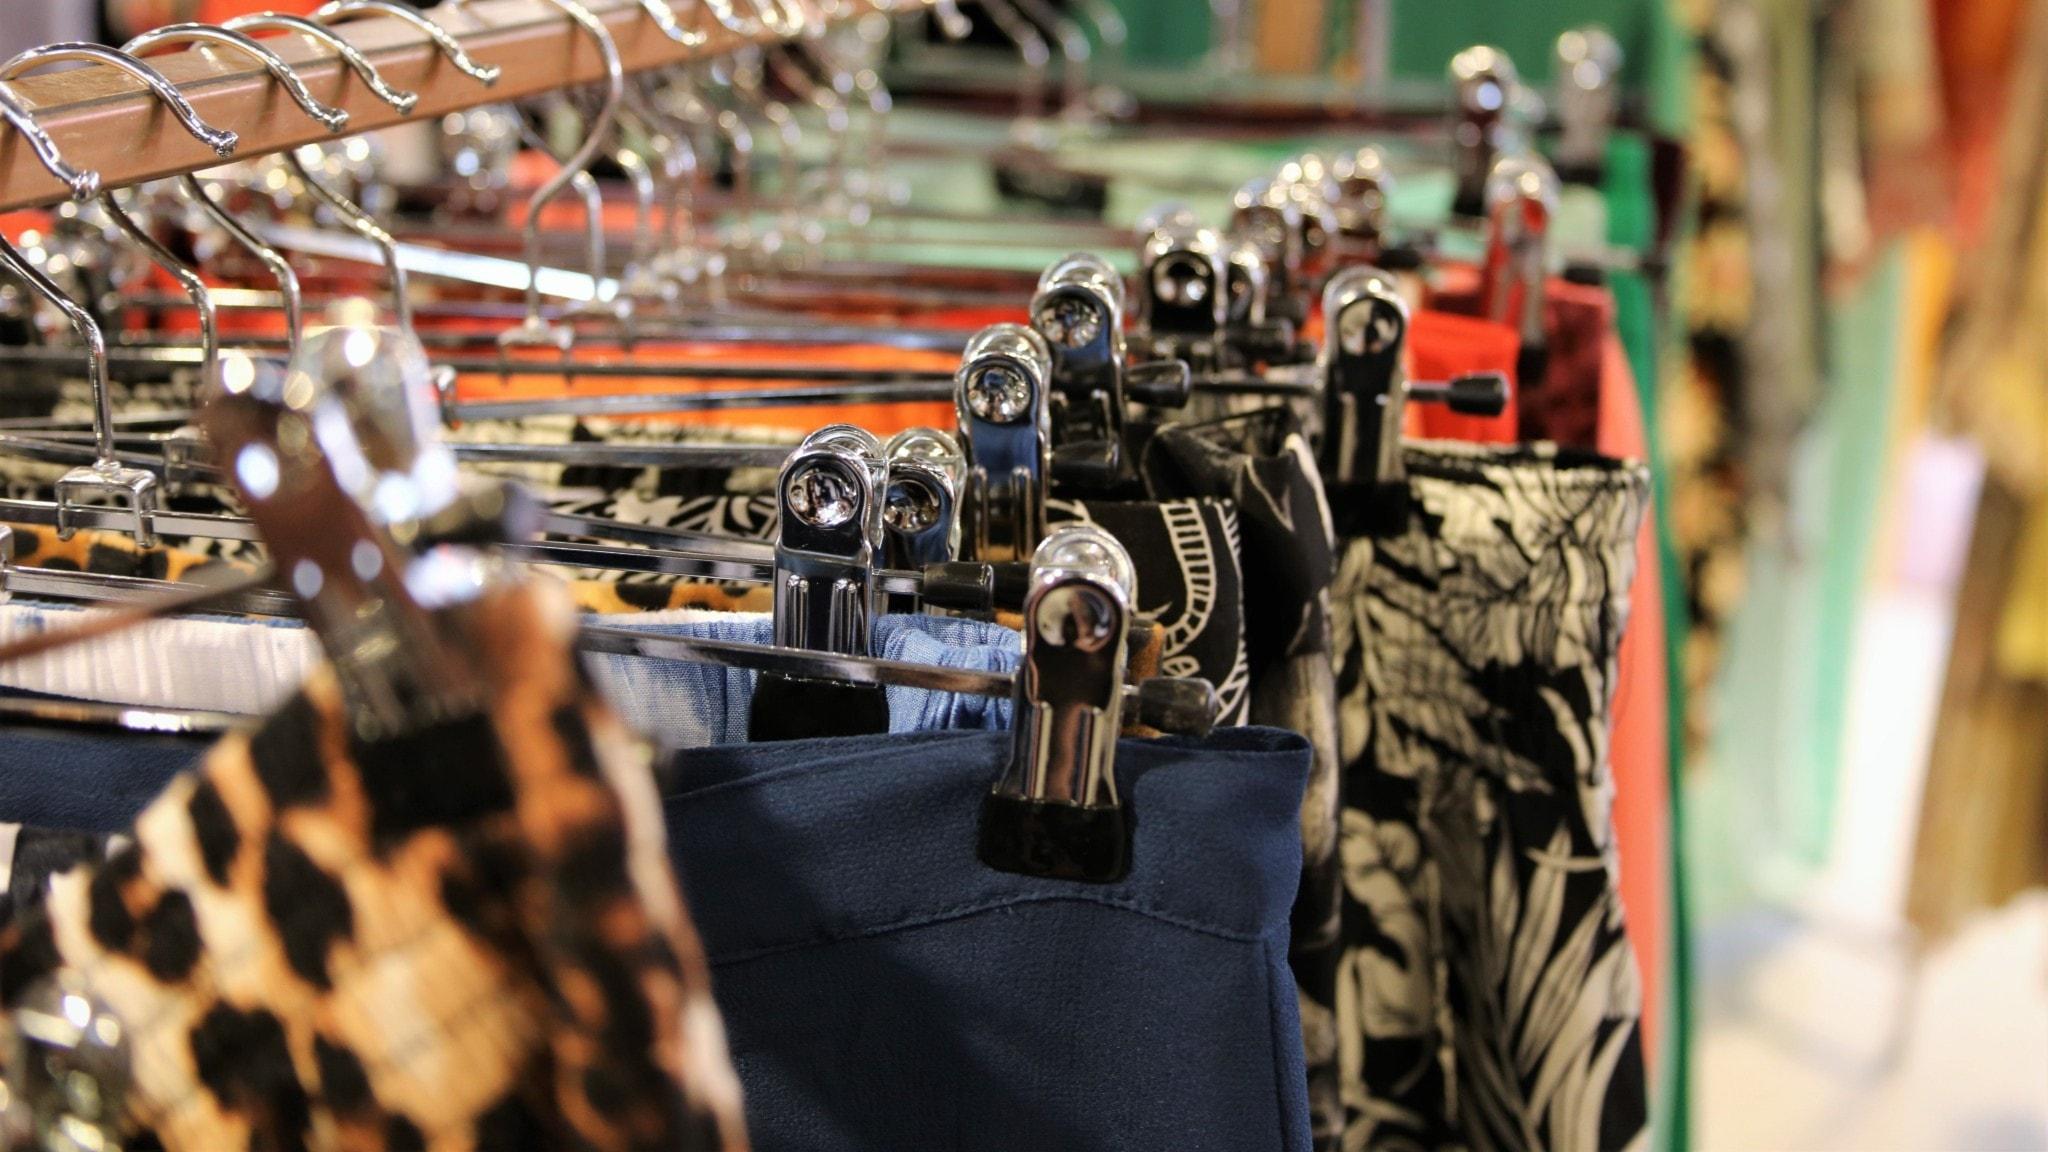 Kjolar i olika färg och mönster upphängda på galge i en butik.